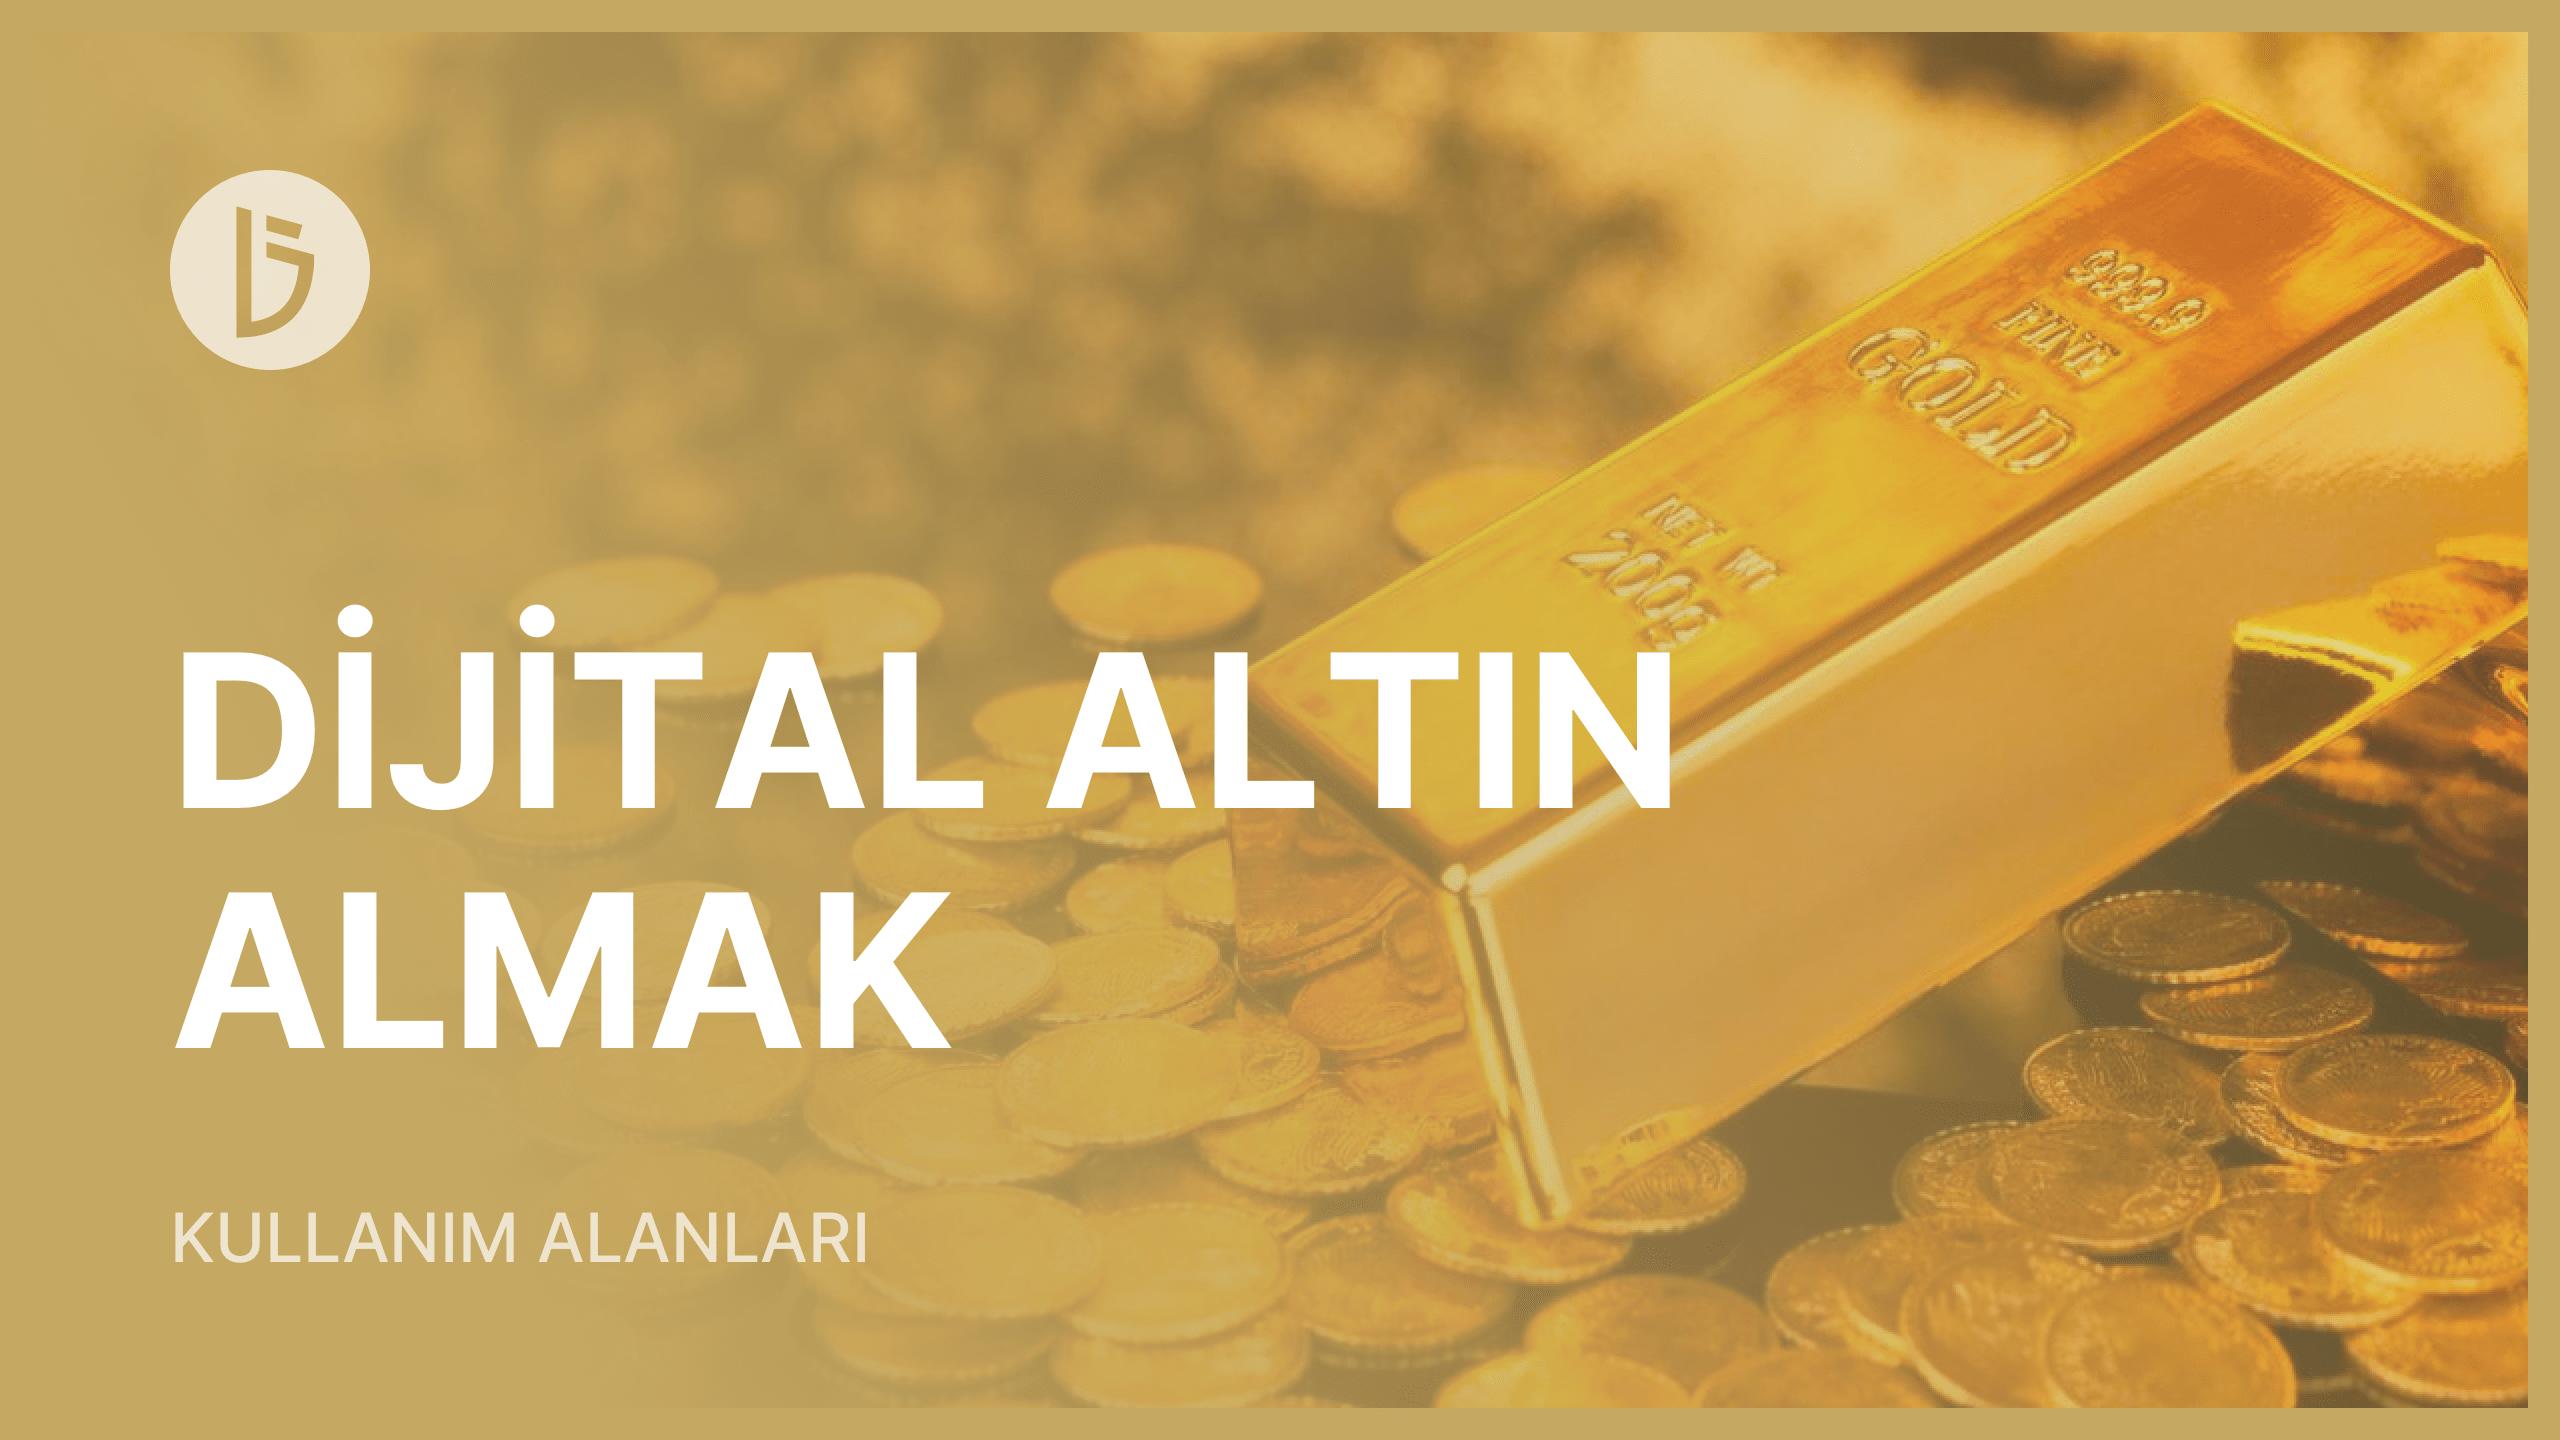 Dijital Altın Almak